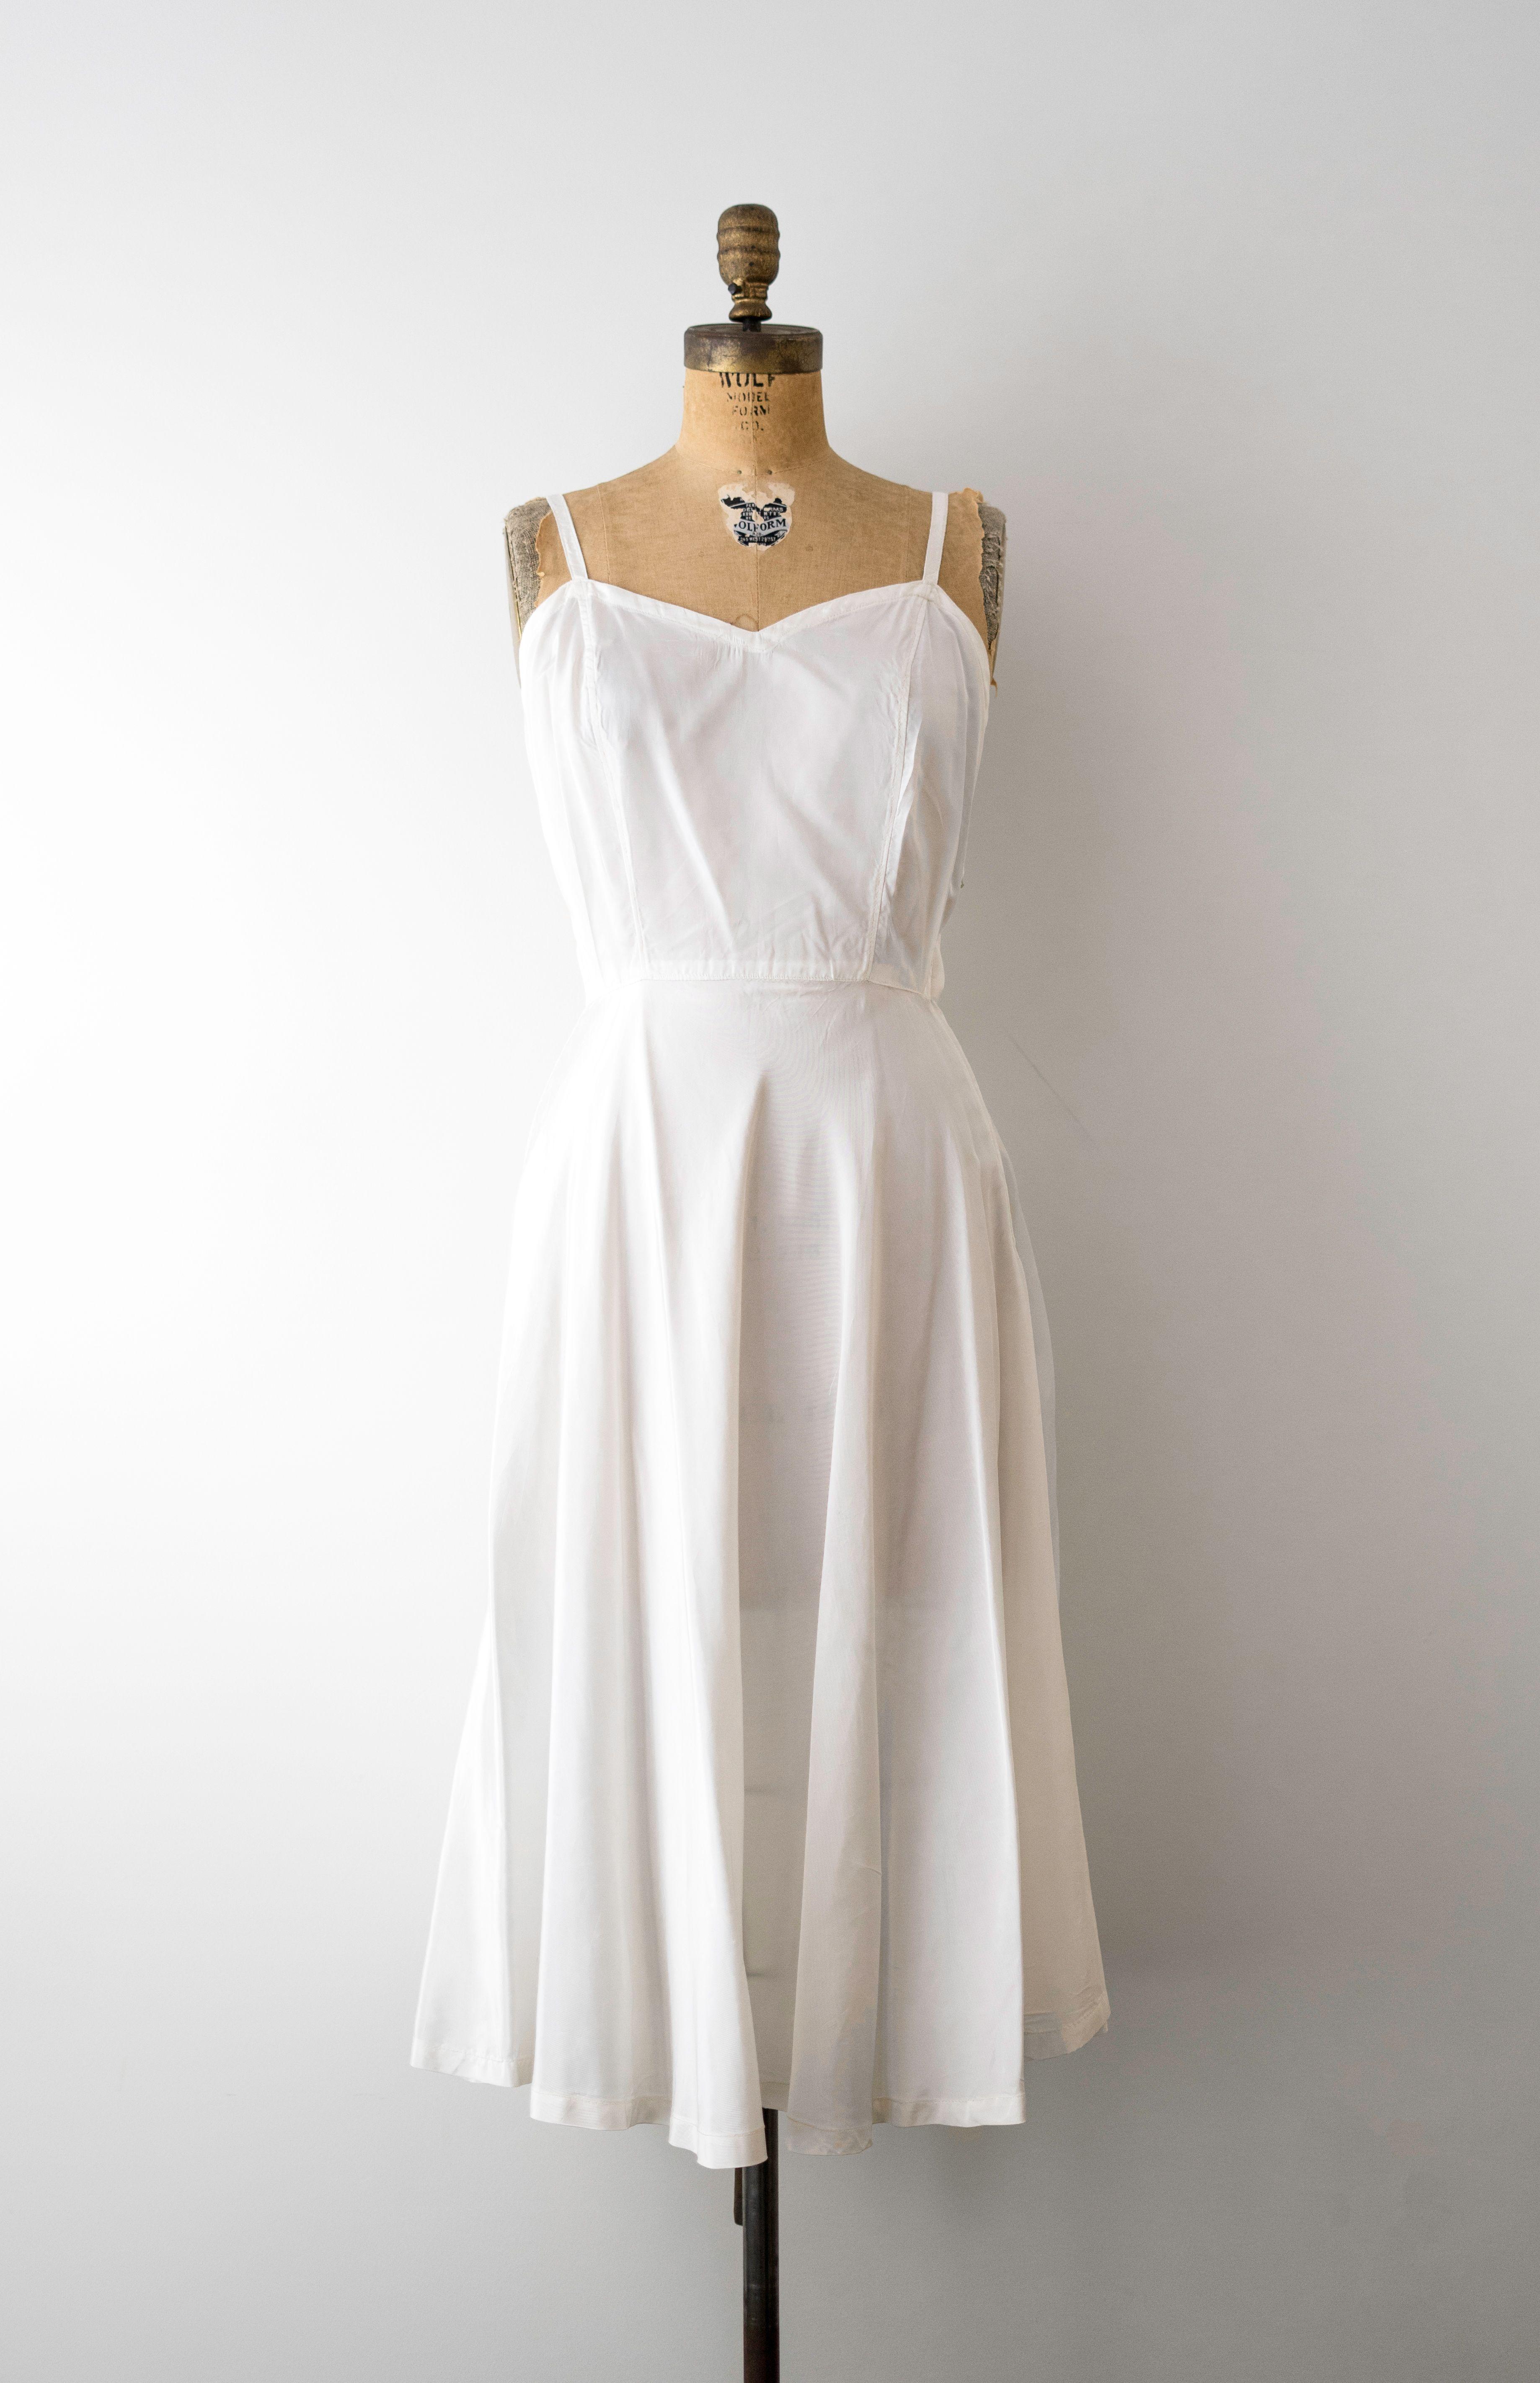 1940 White Slip 40 S Slip Dress With Full Skirt Swing Style Vintage Small White Slip Dress Slip Dress Dresses [ 5687 x 3676 Pixel ]